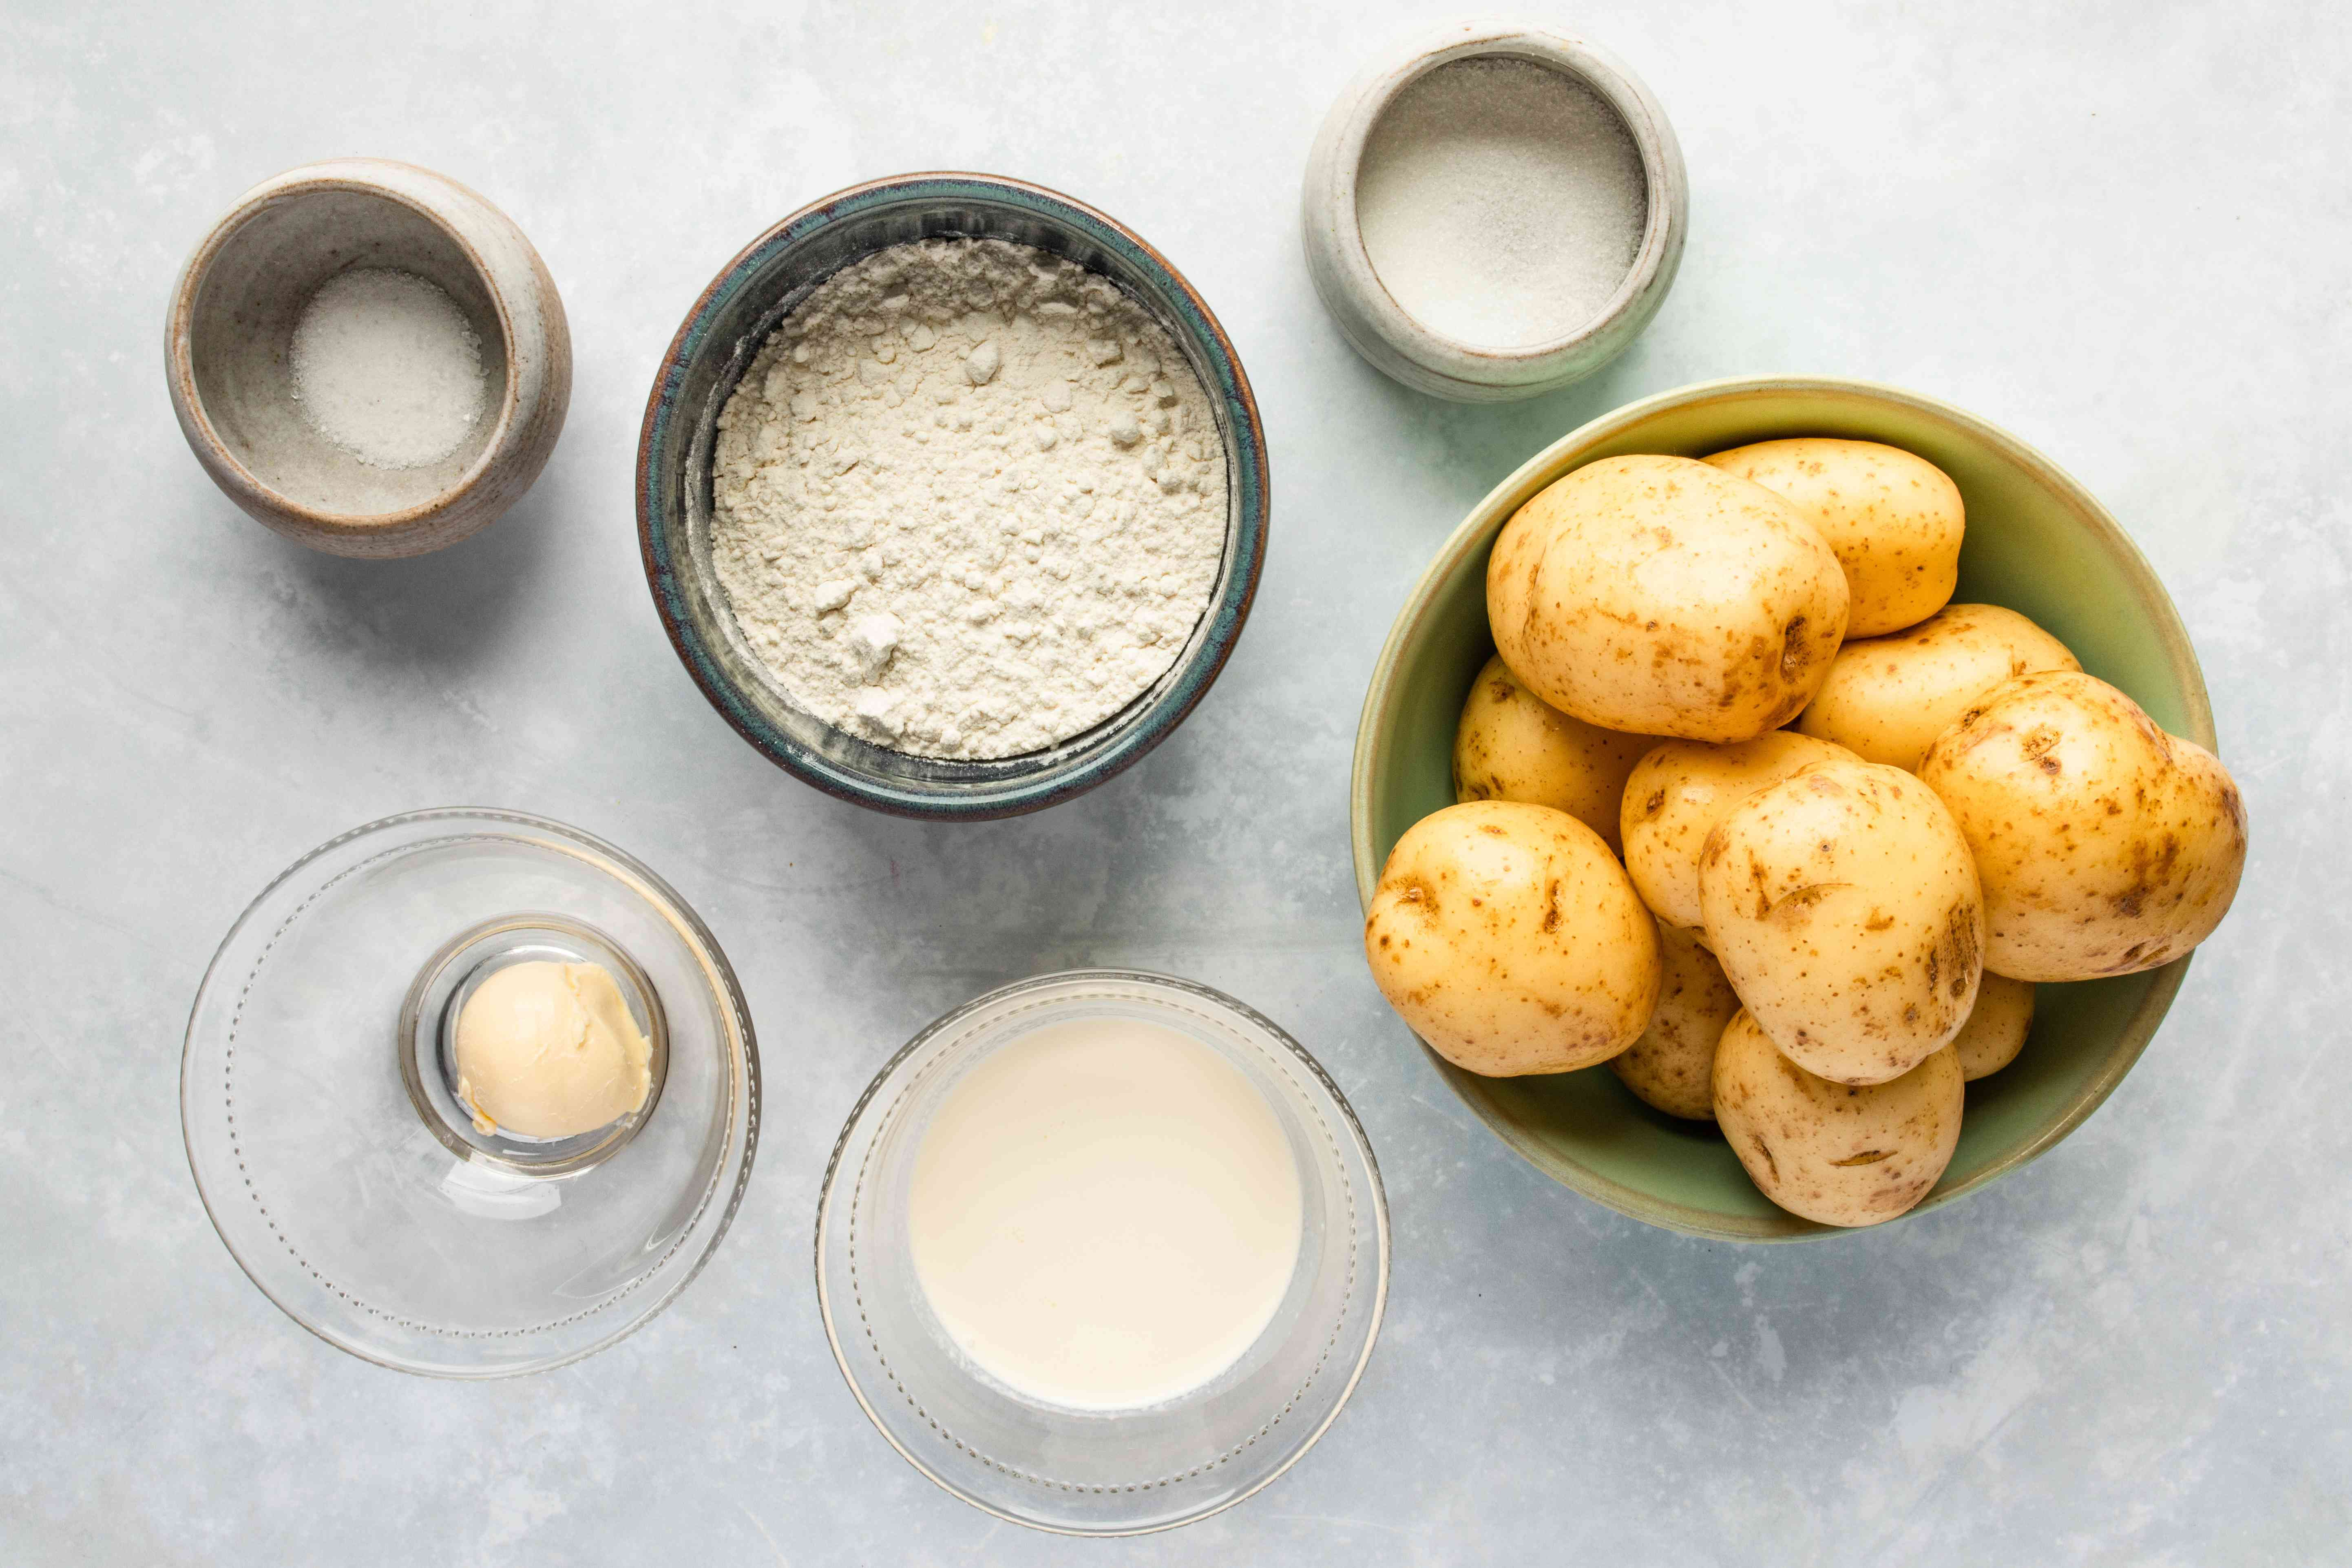 Ingredients for basic lefse